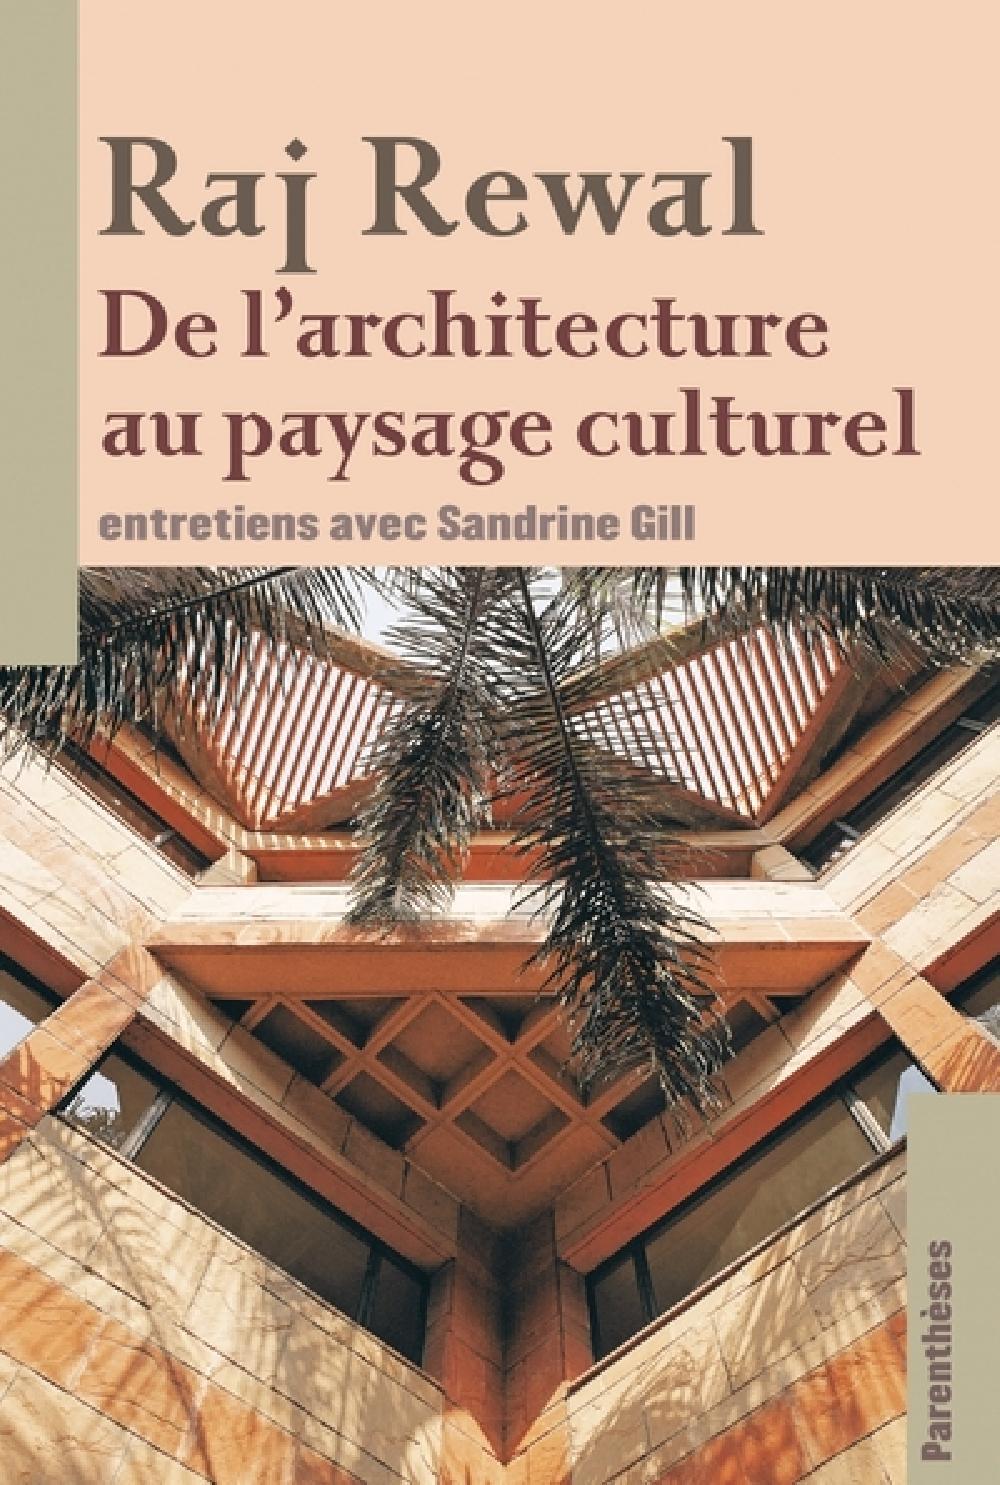 Raj Rewal - De l'architecture au paysage culturel